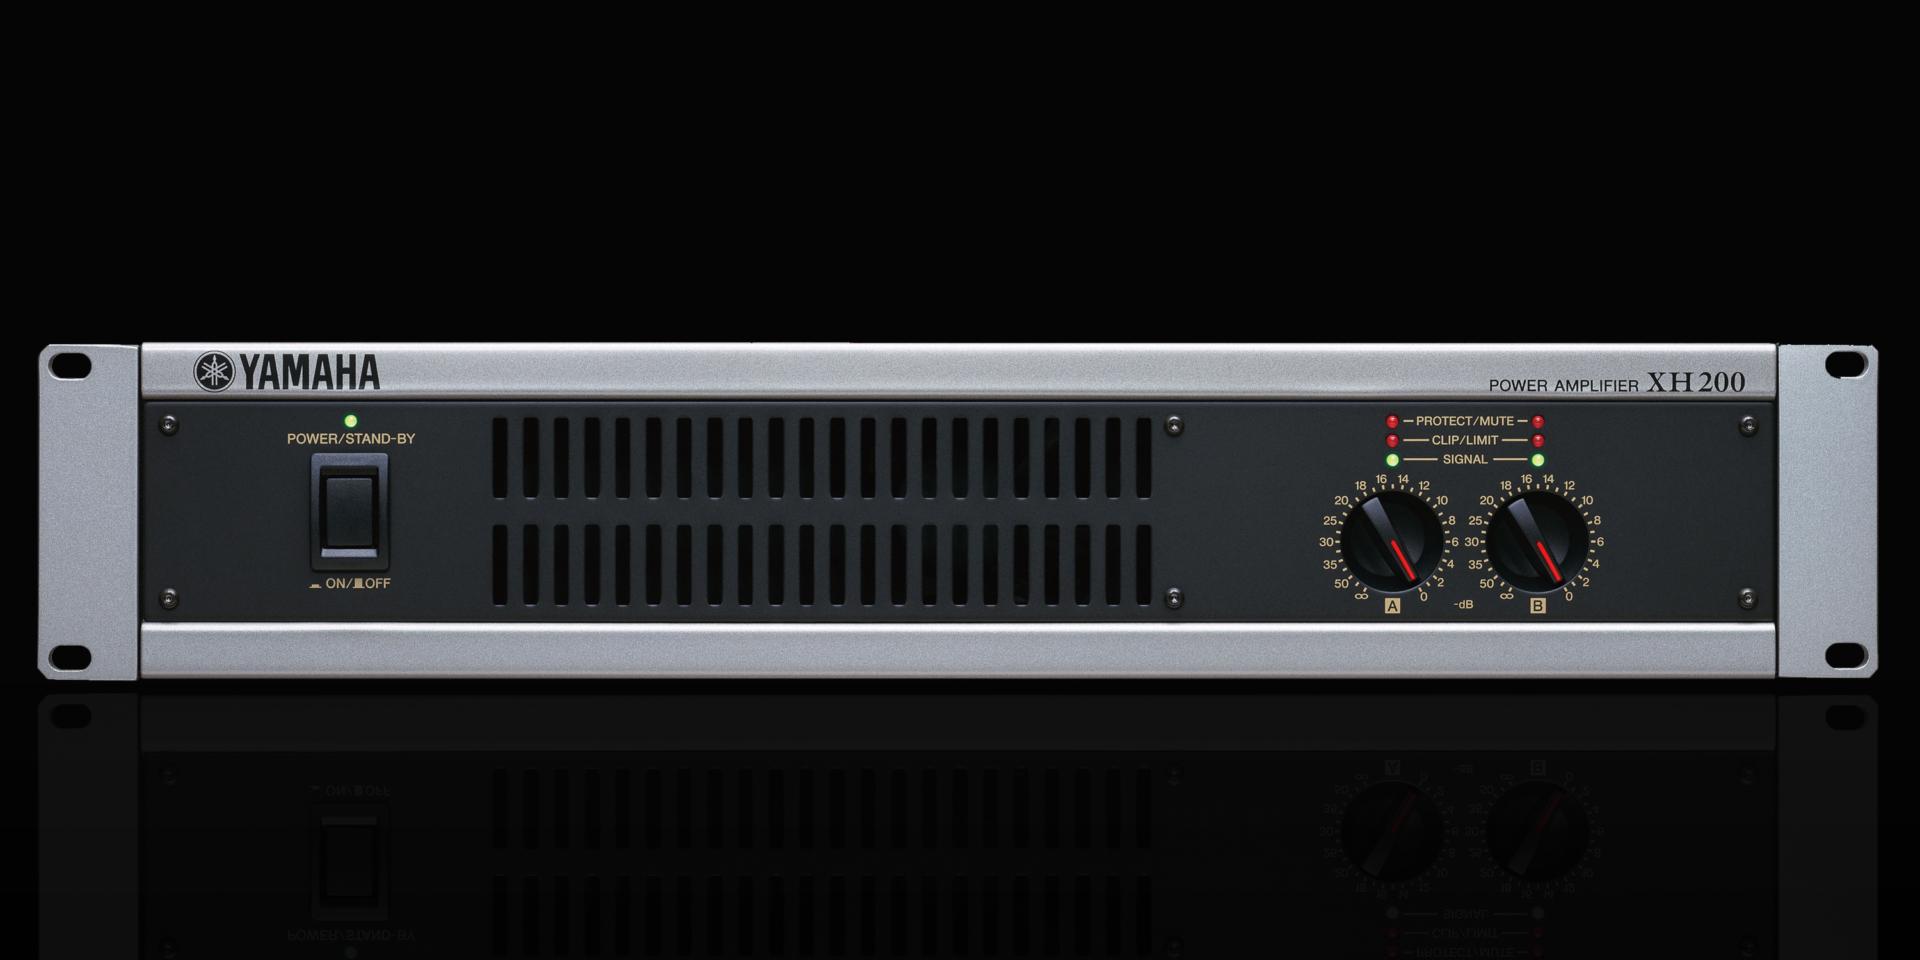 L'XH200 Yamaha è un amplificatore a due canali che può essere commutato per il funzionamento con linee a 70 V e 100 V. Questa caratteristica lo rende la scelta ideale per l'utilizzo con più altoparlanti in serie su installazioni quali teatri, sale concerto e strutture per conferenze.